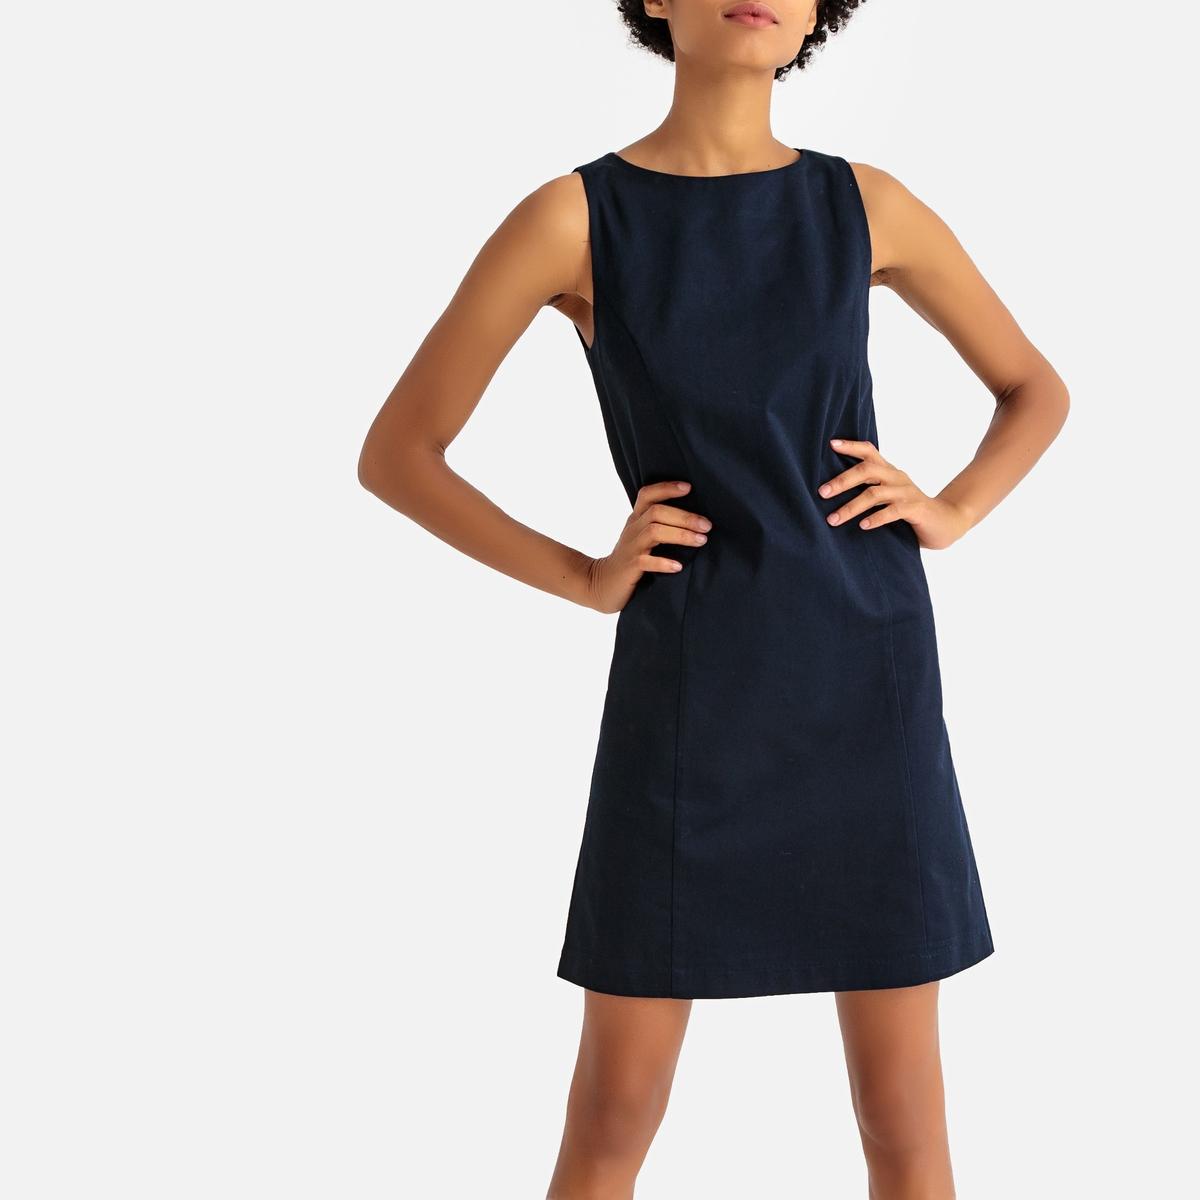 Платье La Redoute Короткое прямое без рукавов 40 (FR) - 46 (RUS) синий платье прямое средней длины однотонное без рукавов